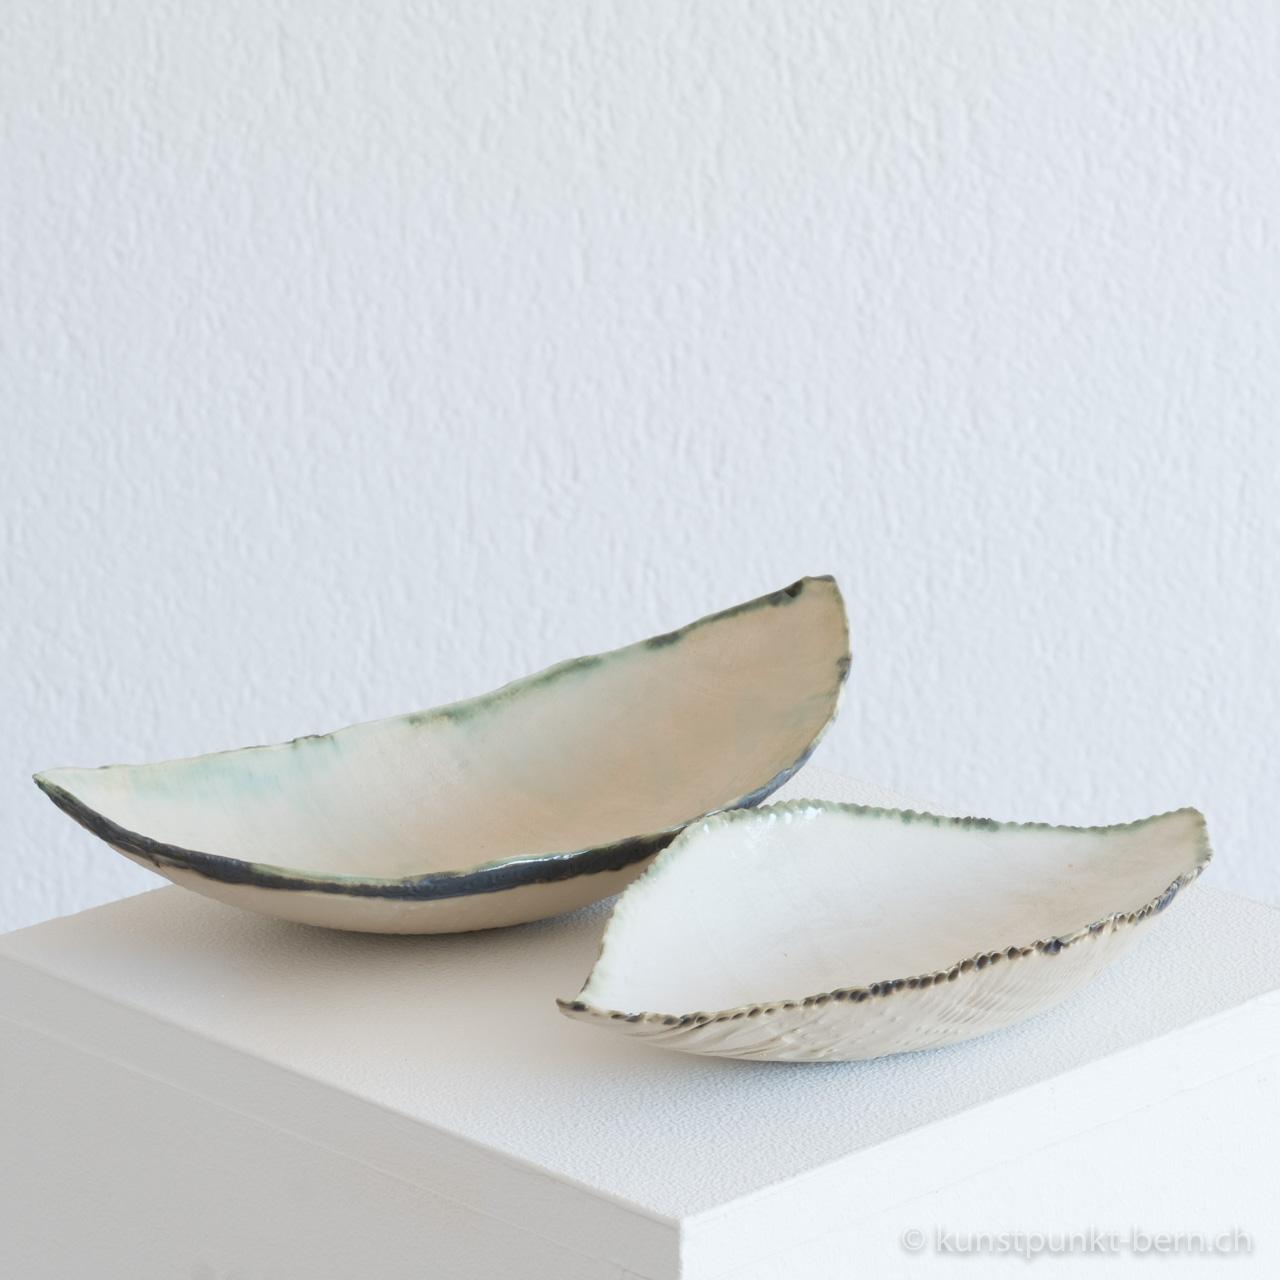 Coquille blanc Tongefäss von Judith Kaffka kunstpunkt-bern.ch